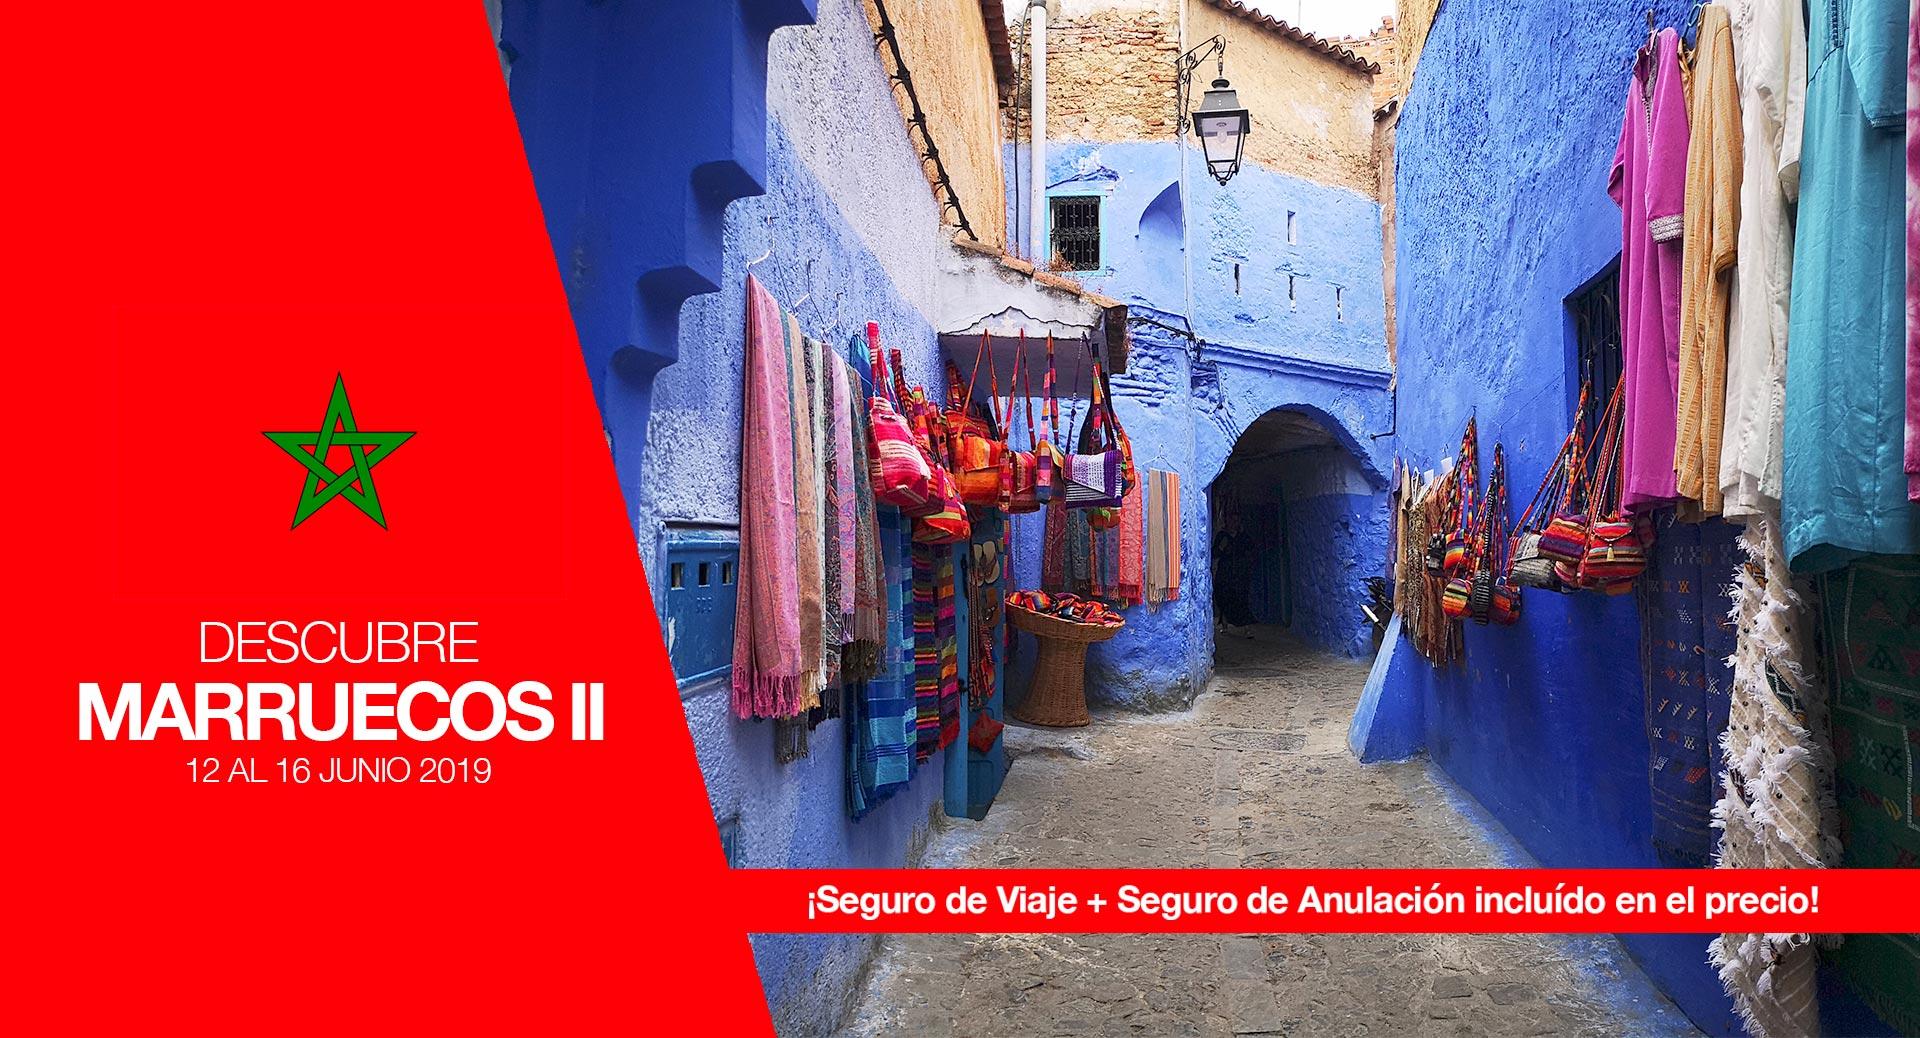 Descubre Marruecos II